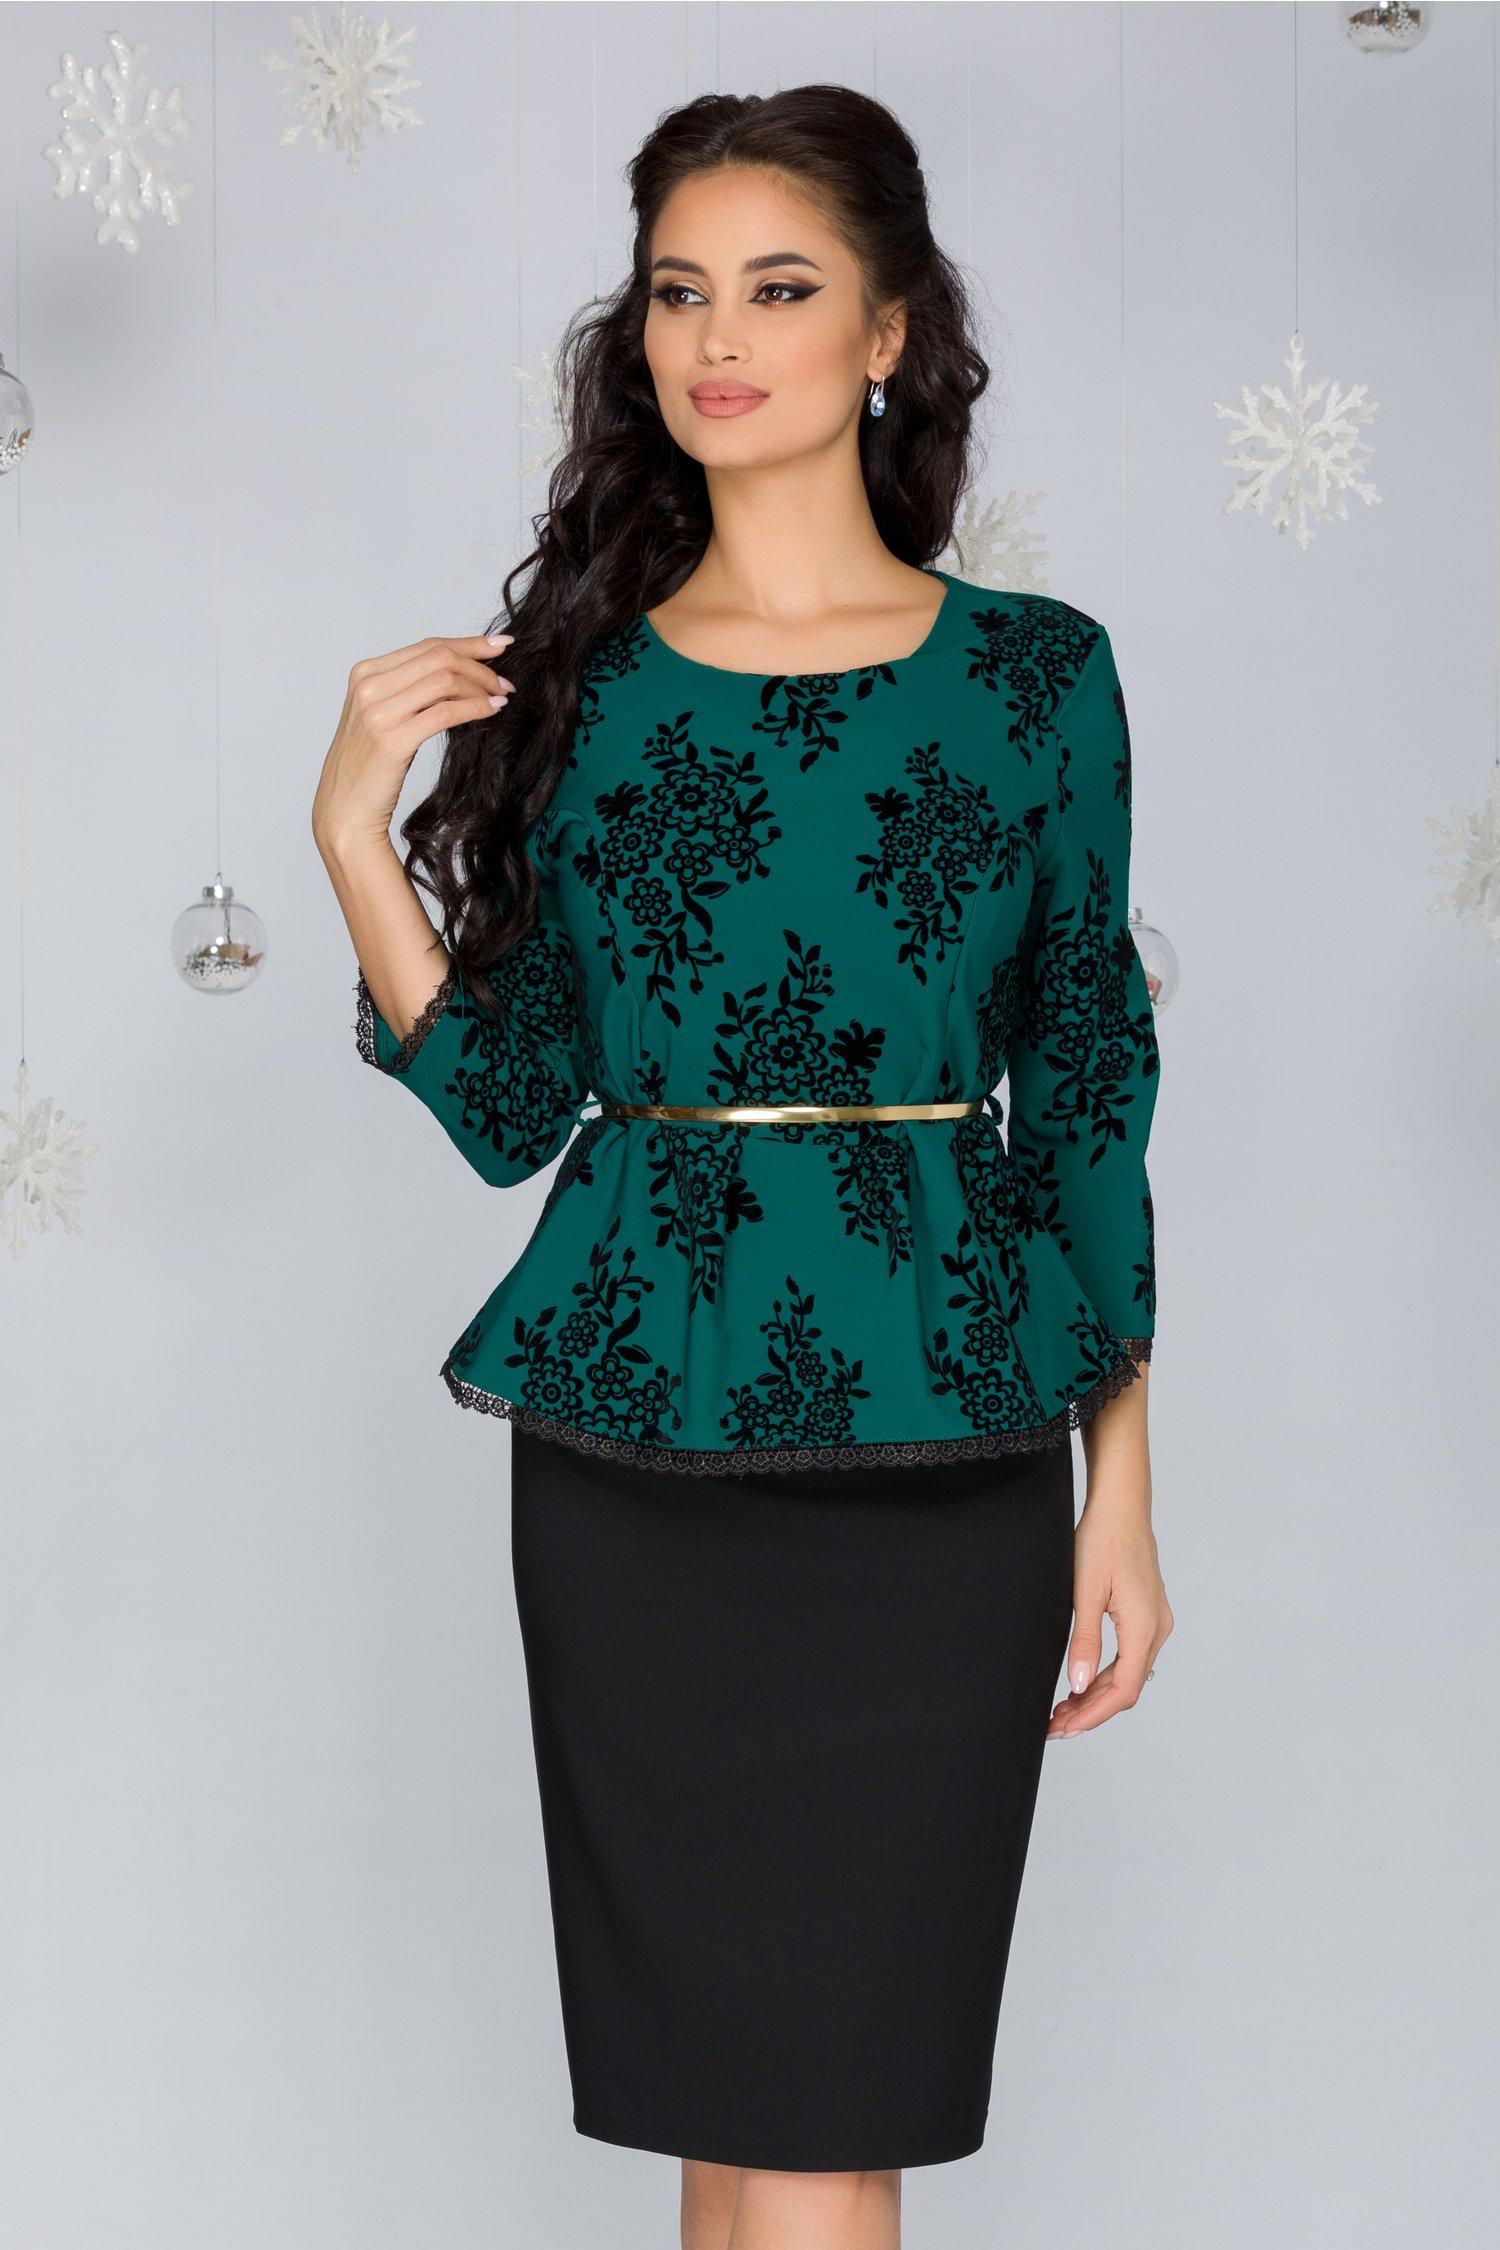 Compleu Sandra negru-verde cu insertii florale catifelate